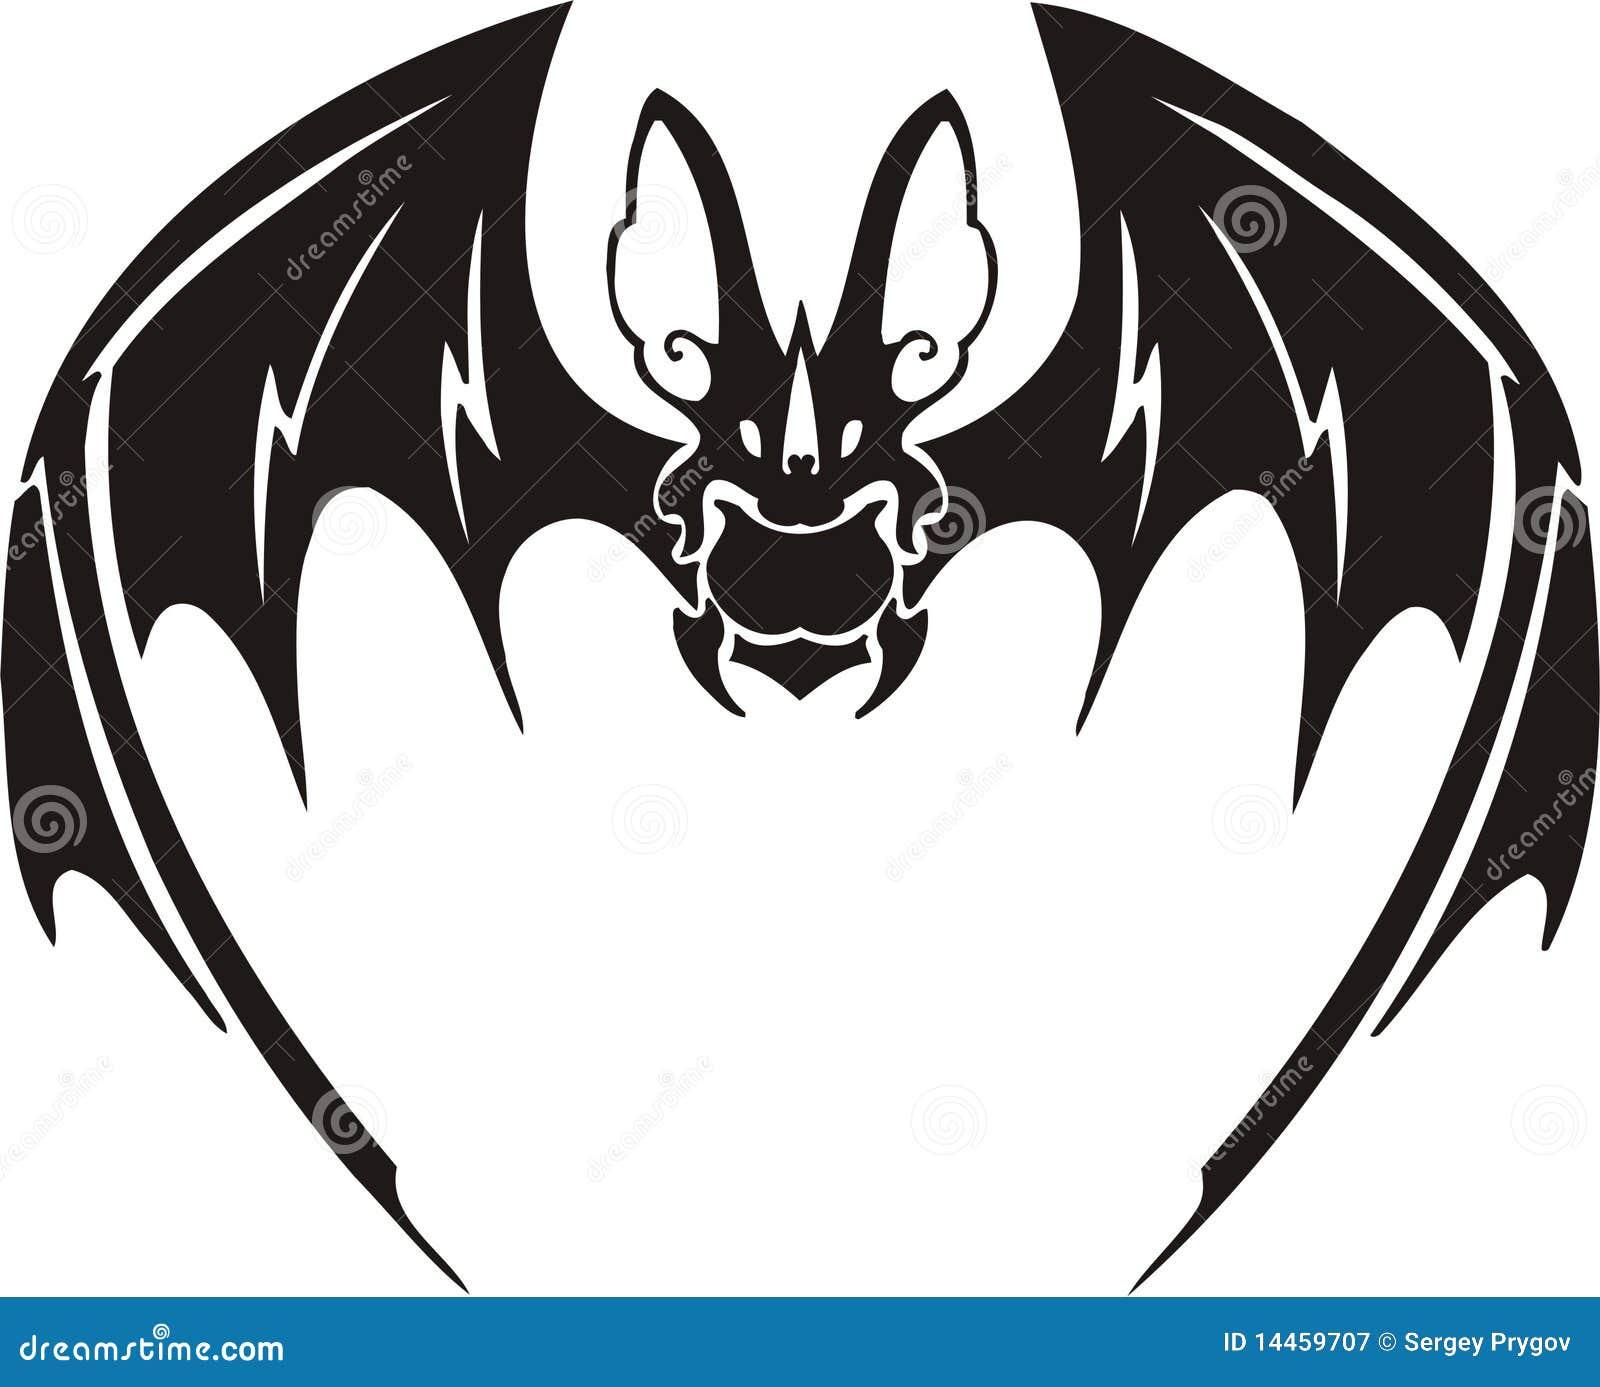 d3d3cb266 Tribal Bat 5. stock vector. Illustration of fauna, design - 14459707